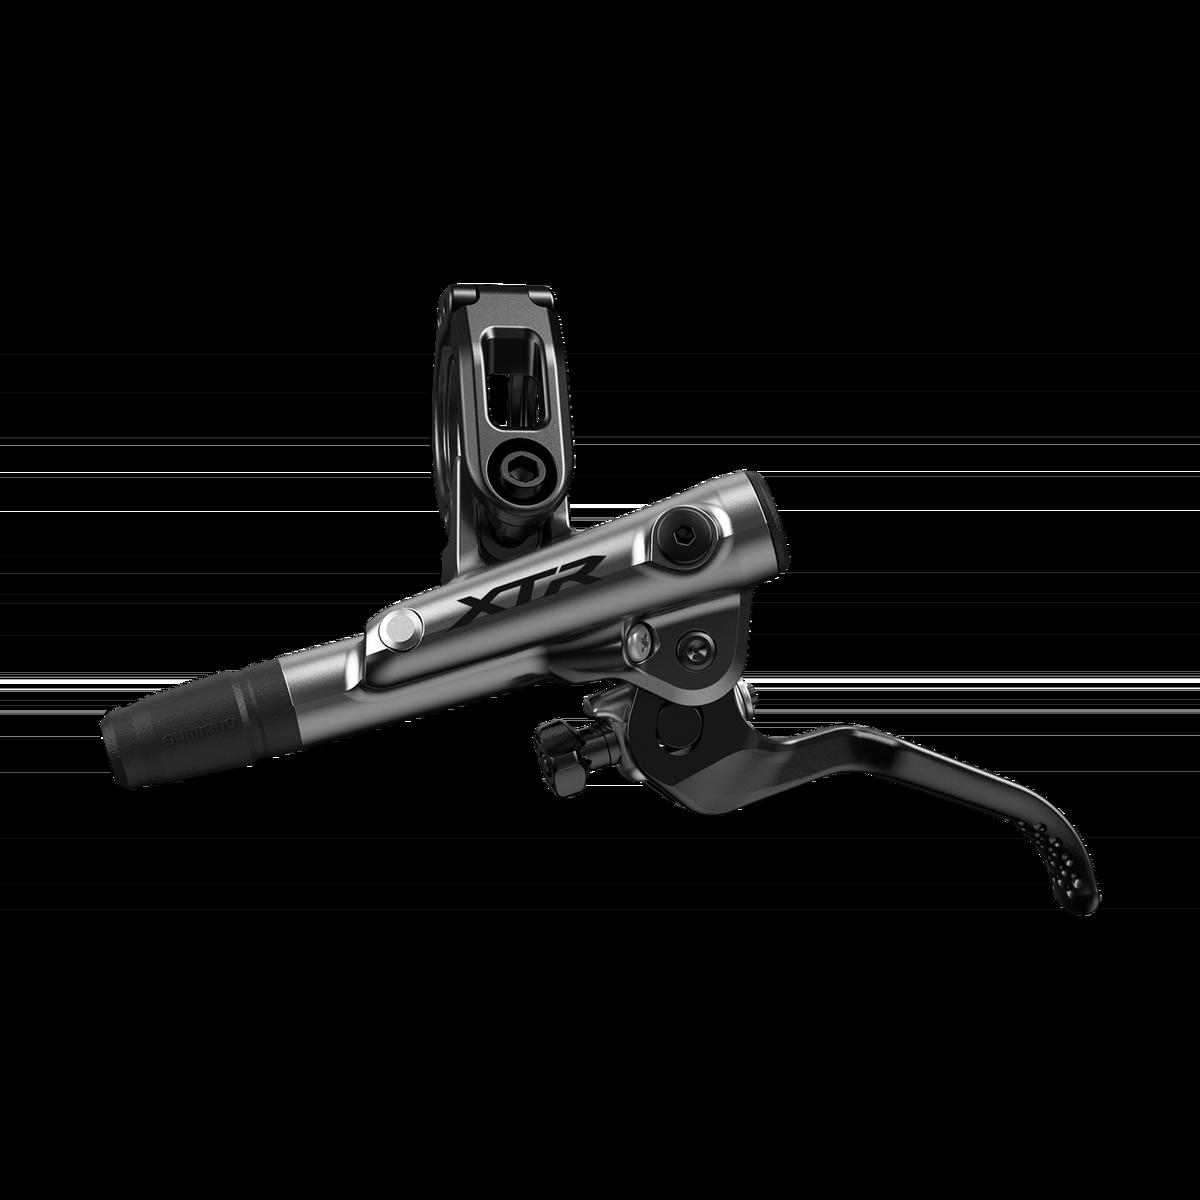 Maneta de freno para cuatro pistones del Shimano XTR M9100